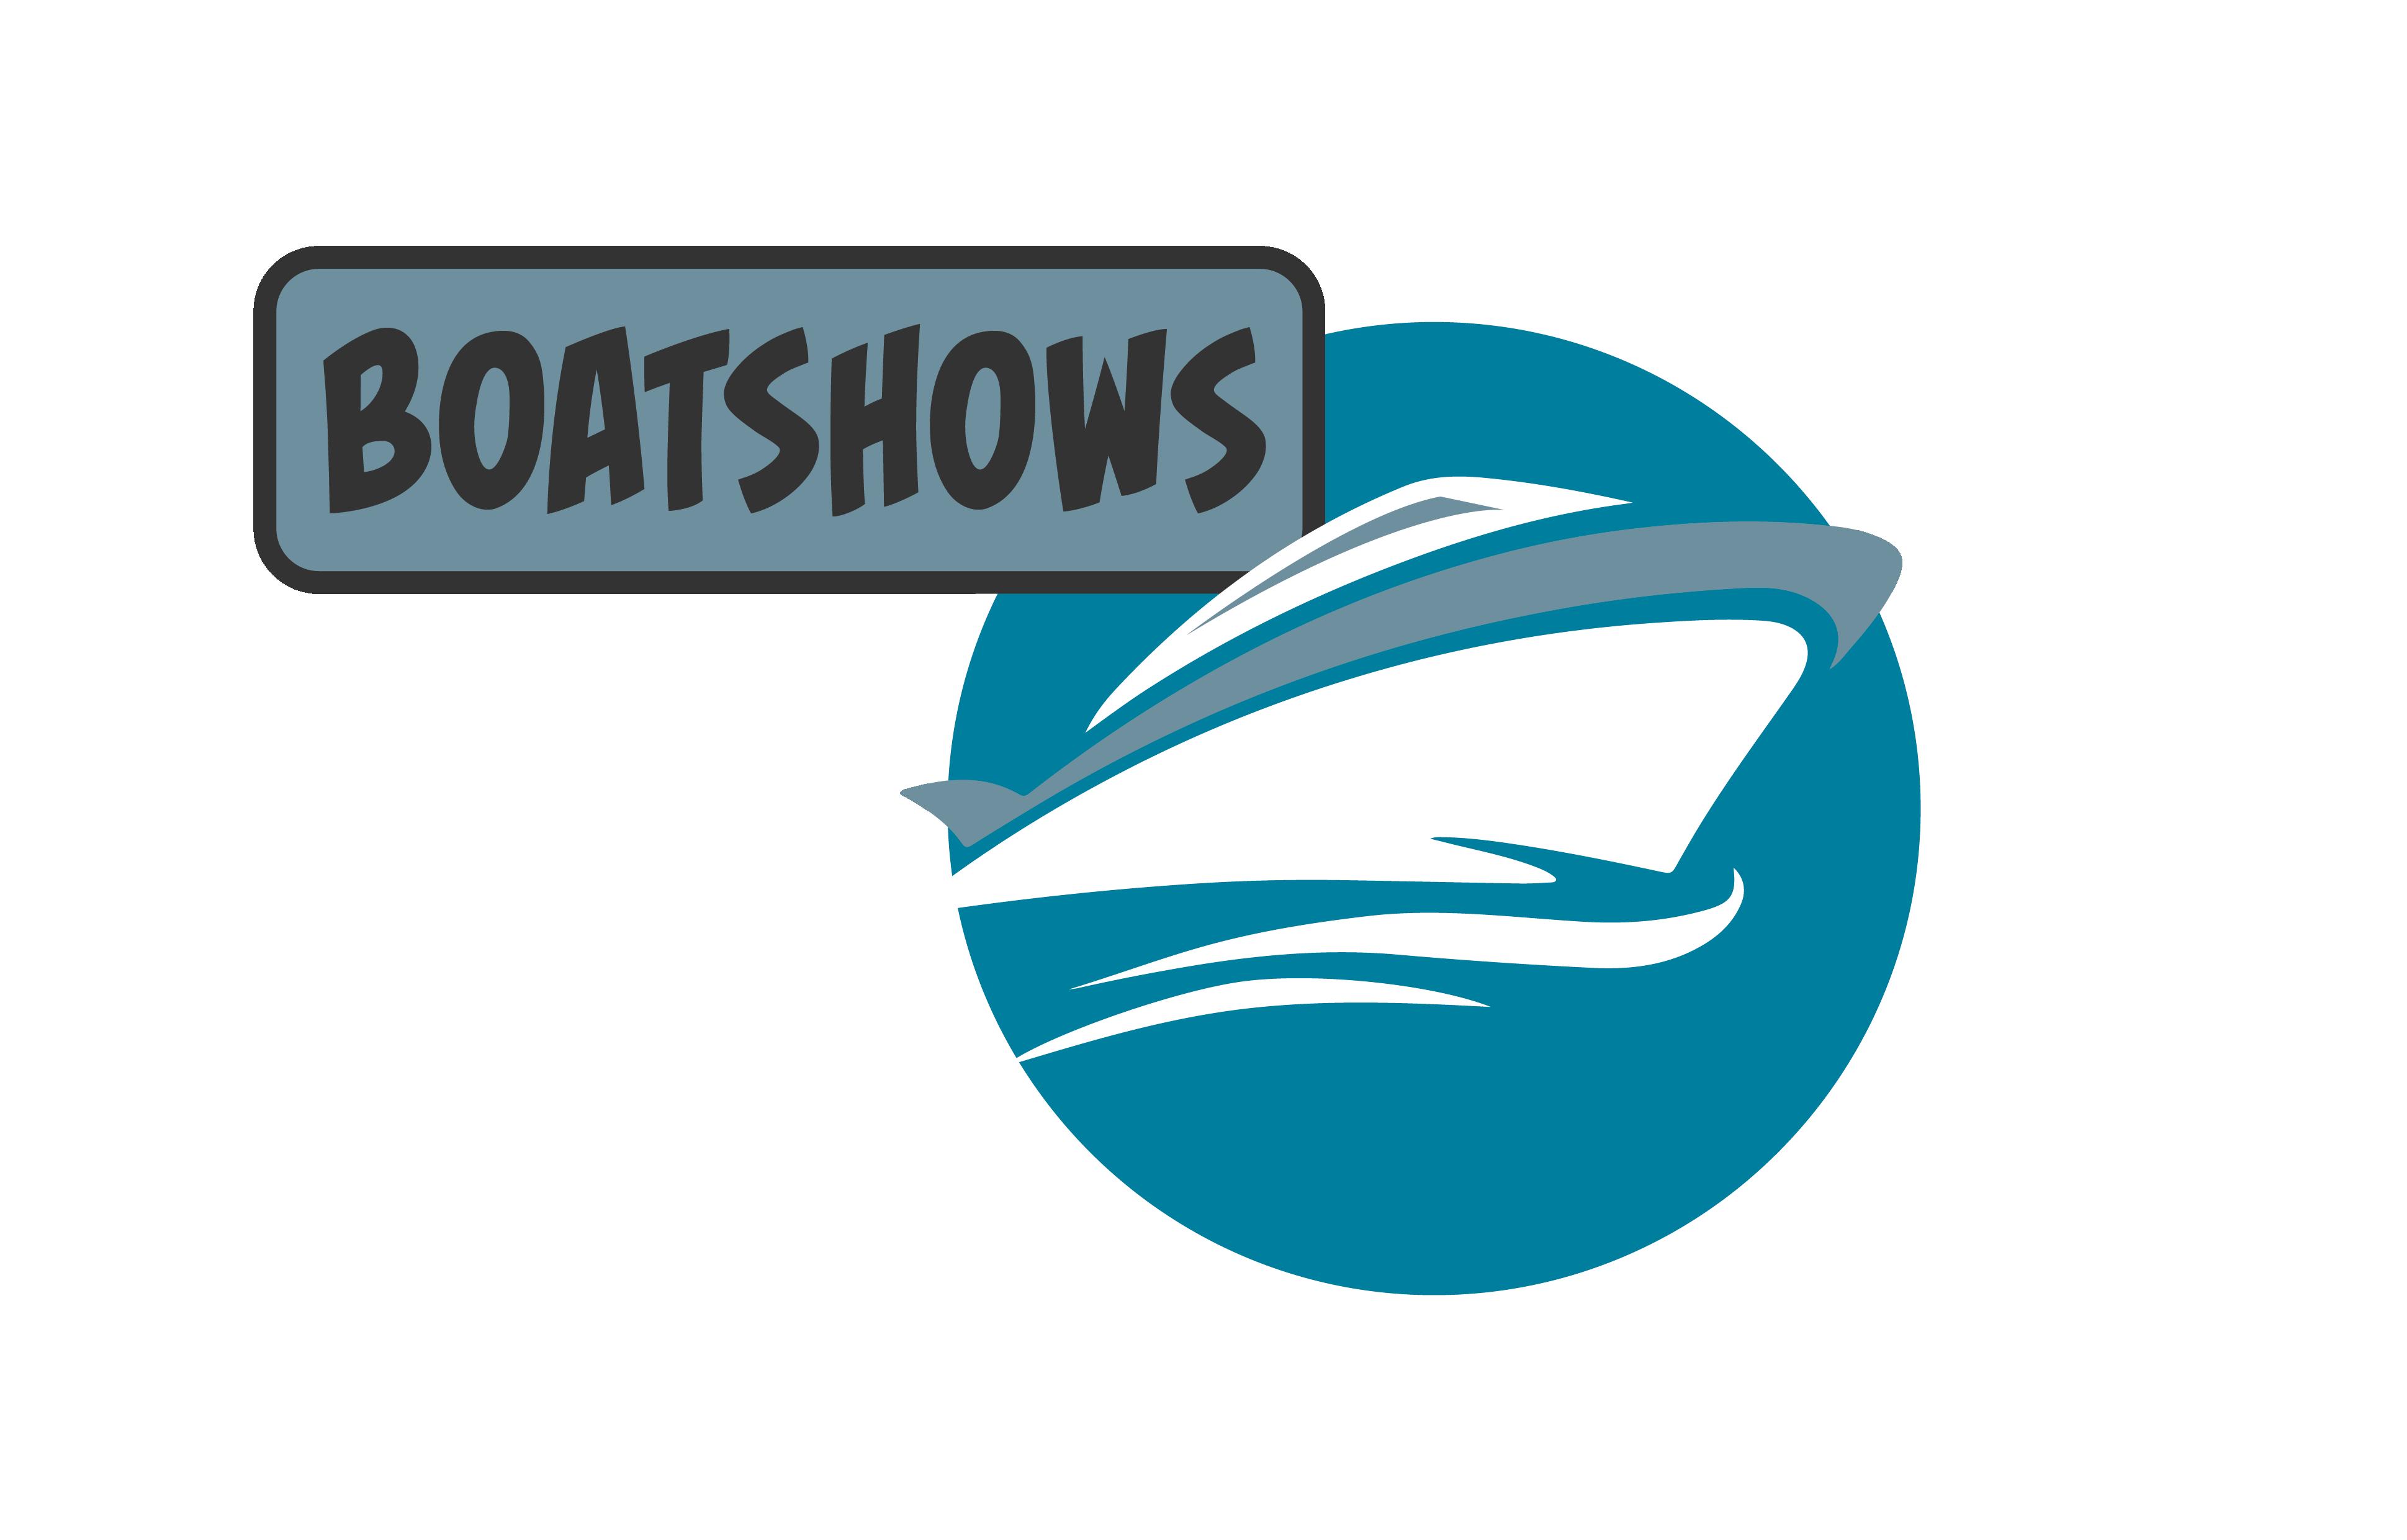 Boatshows-01